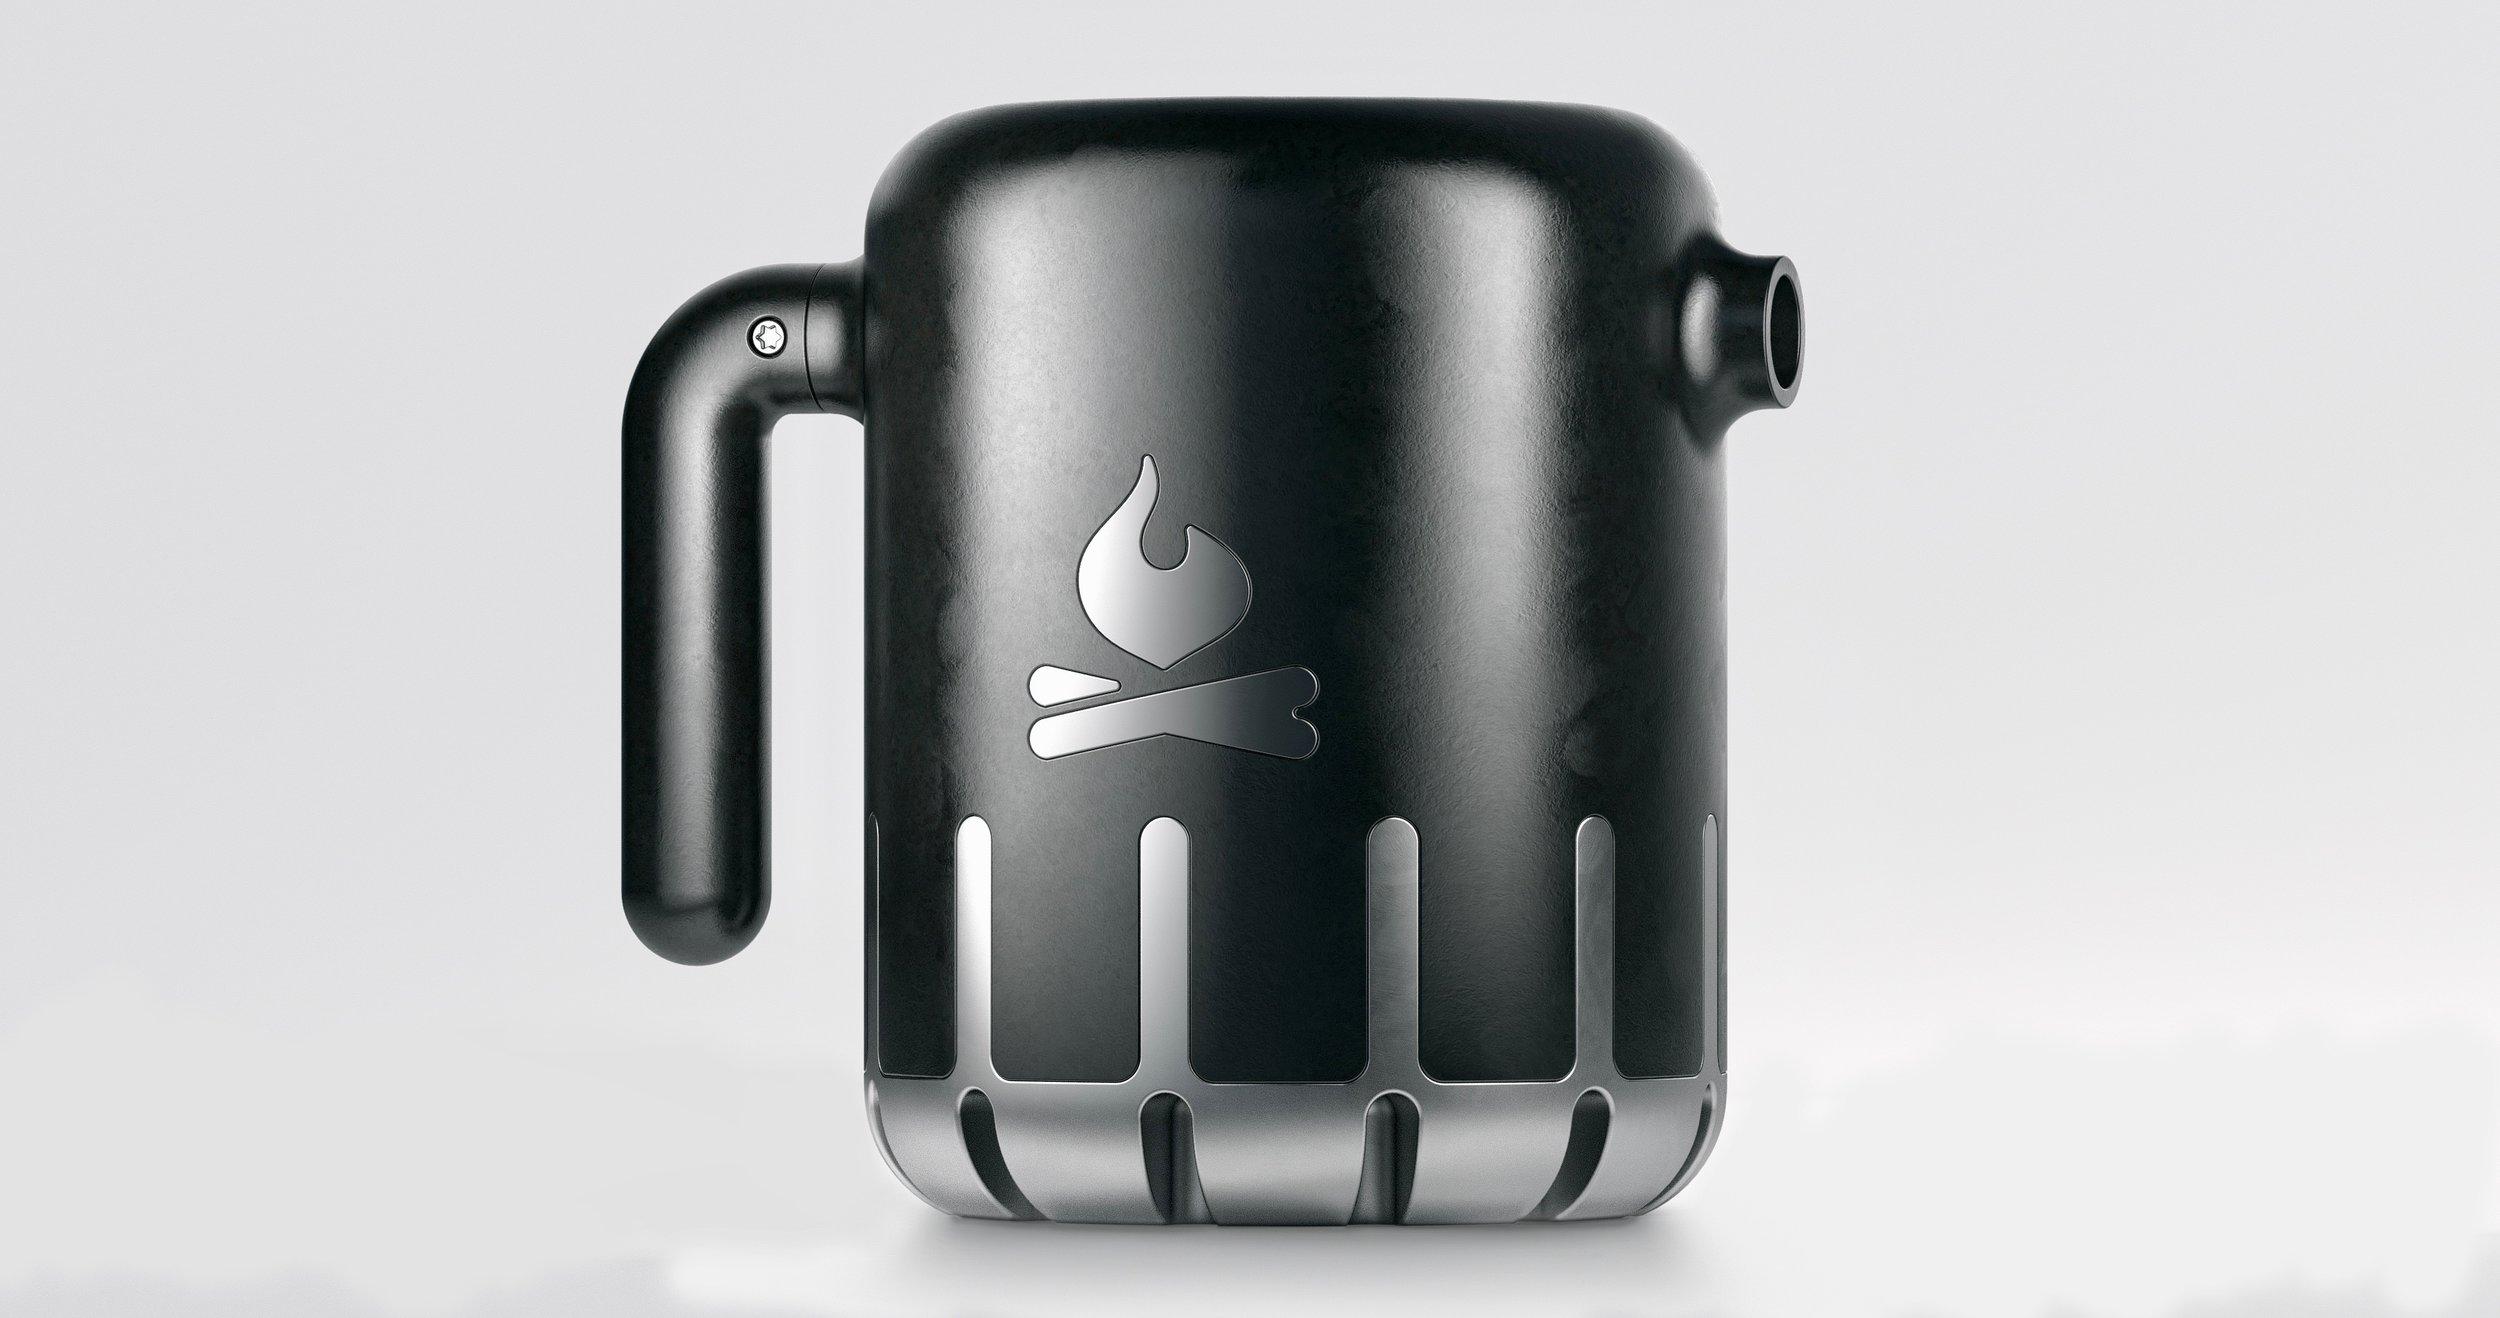 kettle_03 5.jpeg